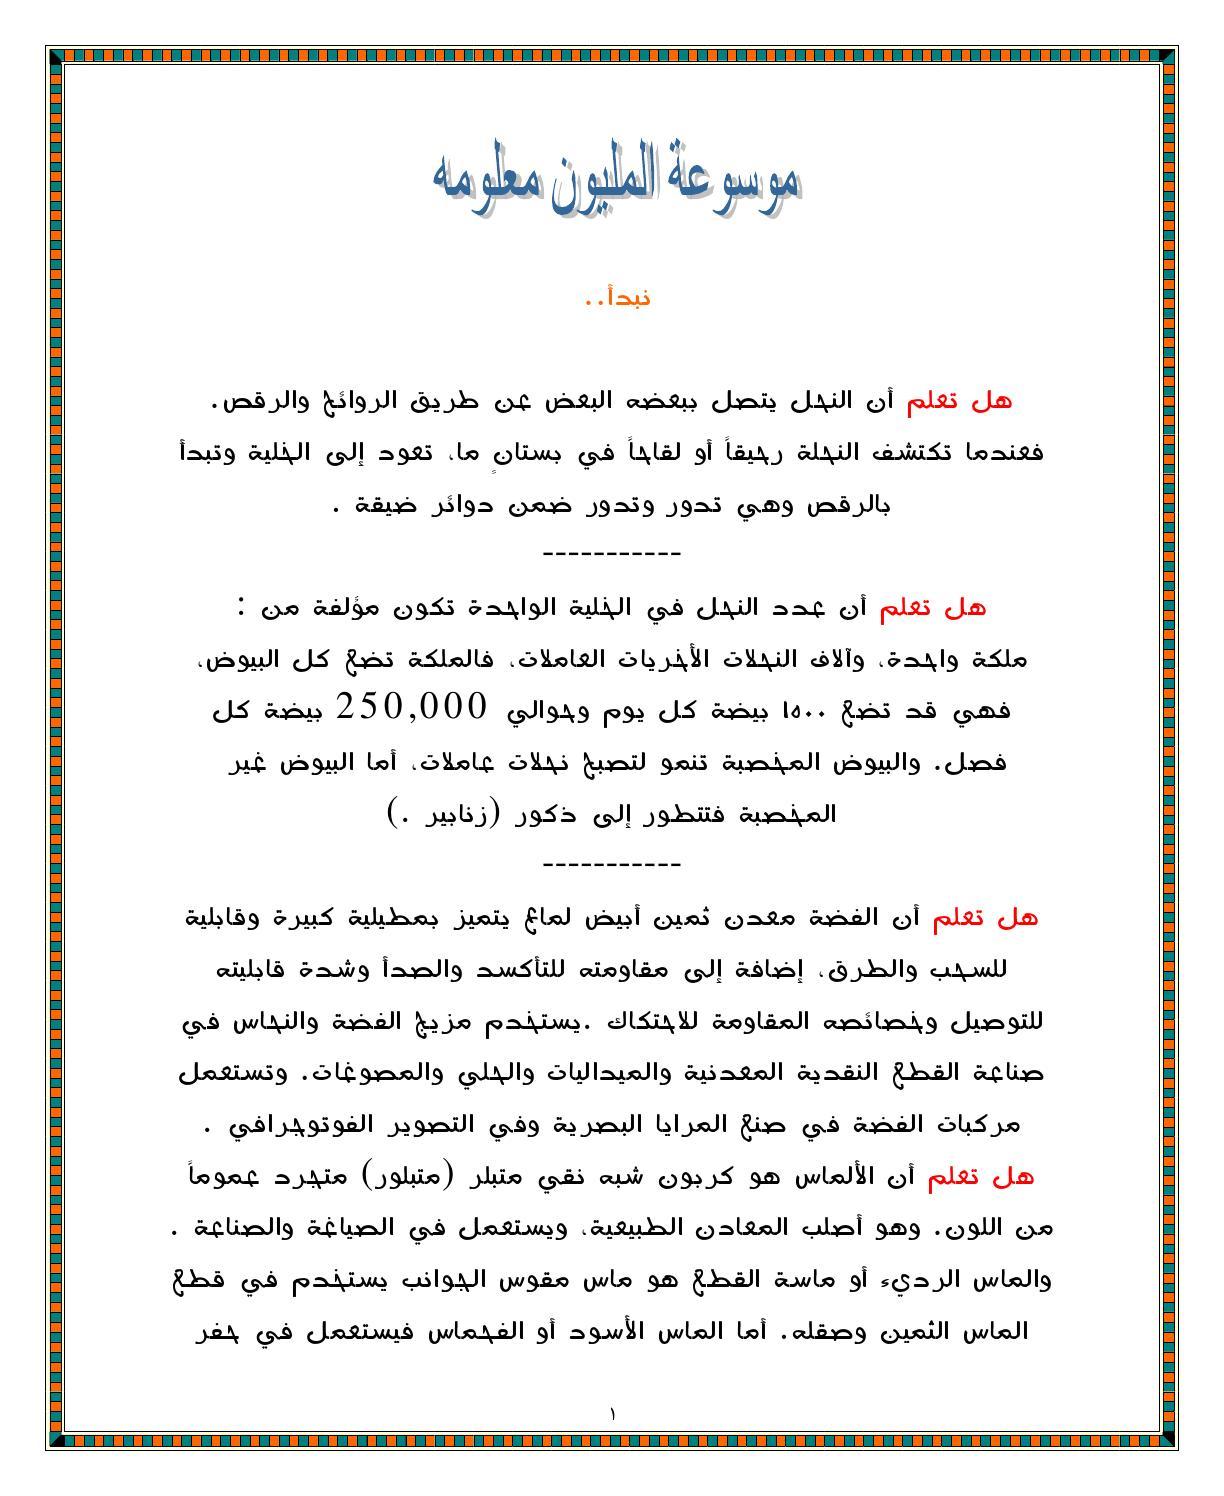 6850c73e6 موسوعة المليون معلومة by Mohamed Abdelhameed - issuu